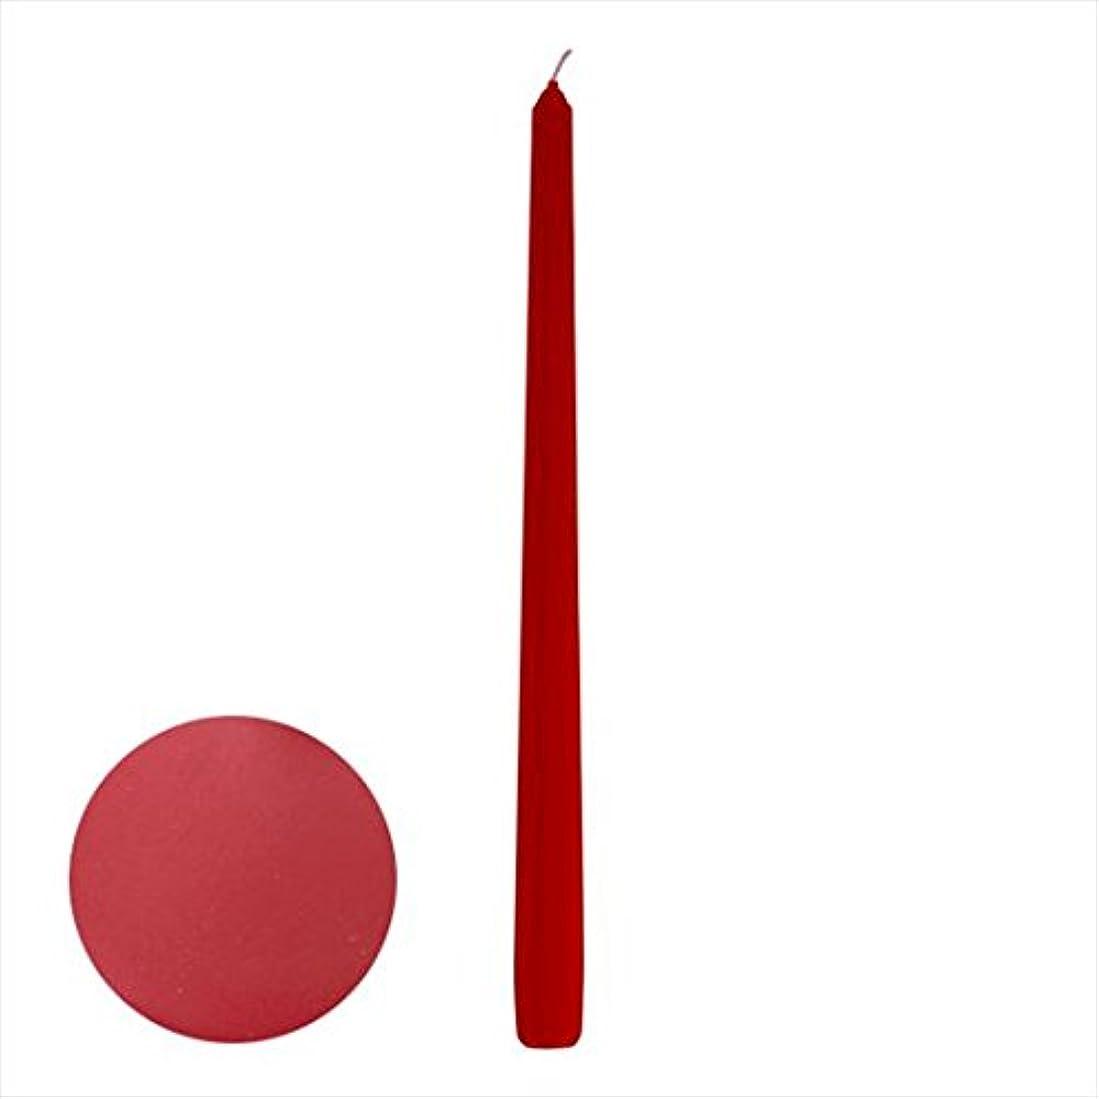 サンドイッチ不十分真似るカメヤマキャンドル(kameyama candle) 12インチテーパー 「 ダークレッド 」 12本入り